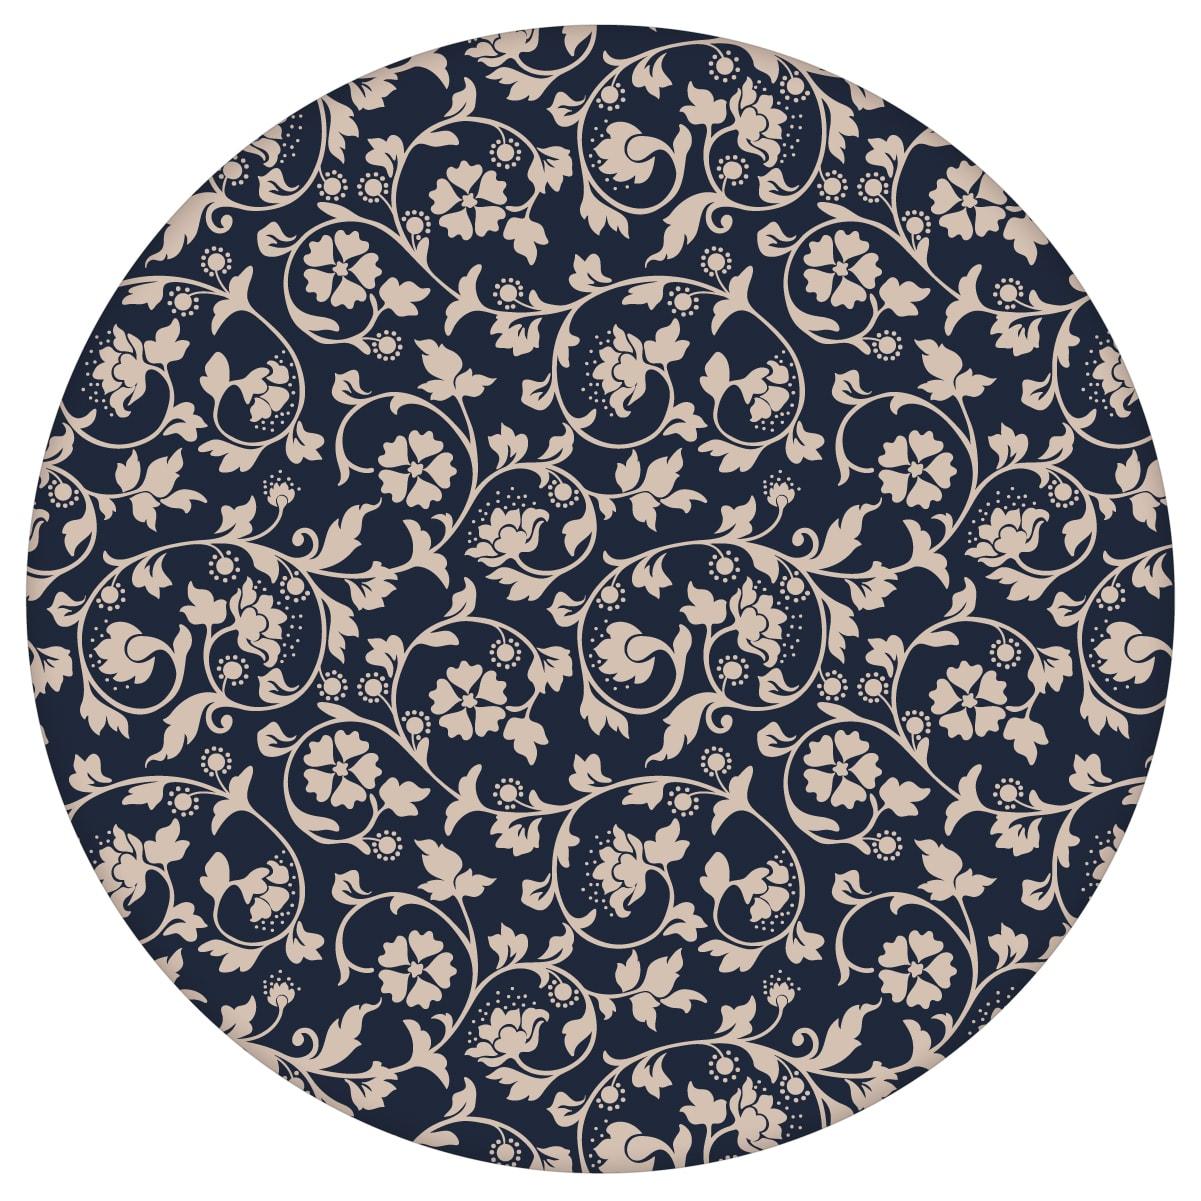 Blumen Ornamenttapete Kemenaten Zauber mit Ranken in dunkelblau - Nostalgietapete für Schlafzimmeraus dem GMM-BERLIN.com Sortiment: beige Tapete zur Raumgestaltung: #Ambiente #Blaue Tapeten #blueten #interior #interiordesign #Jugendstil #klassisch #schlafzimmerBlumen #vintage für individuelles Interiordesign